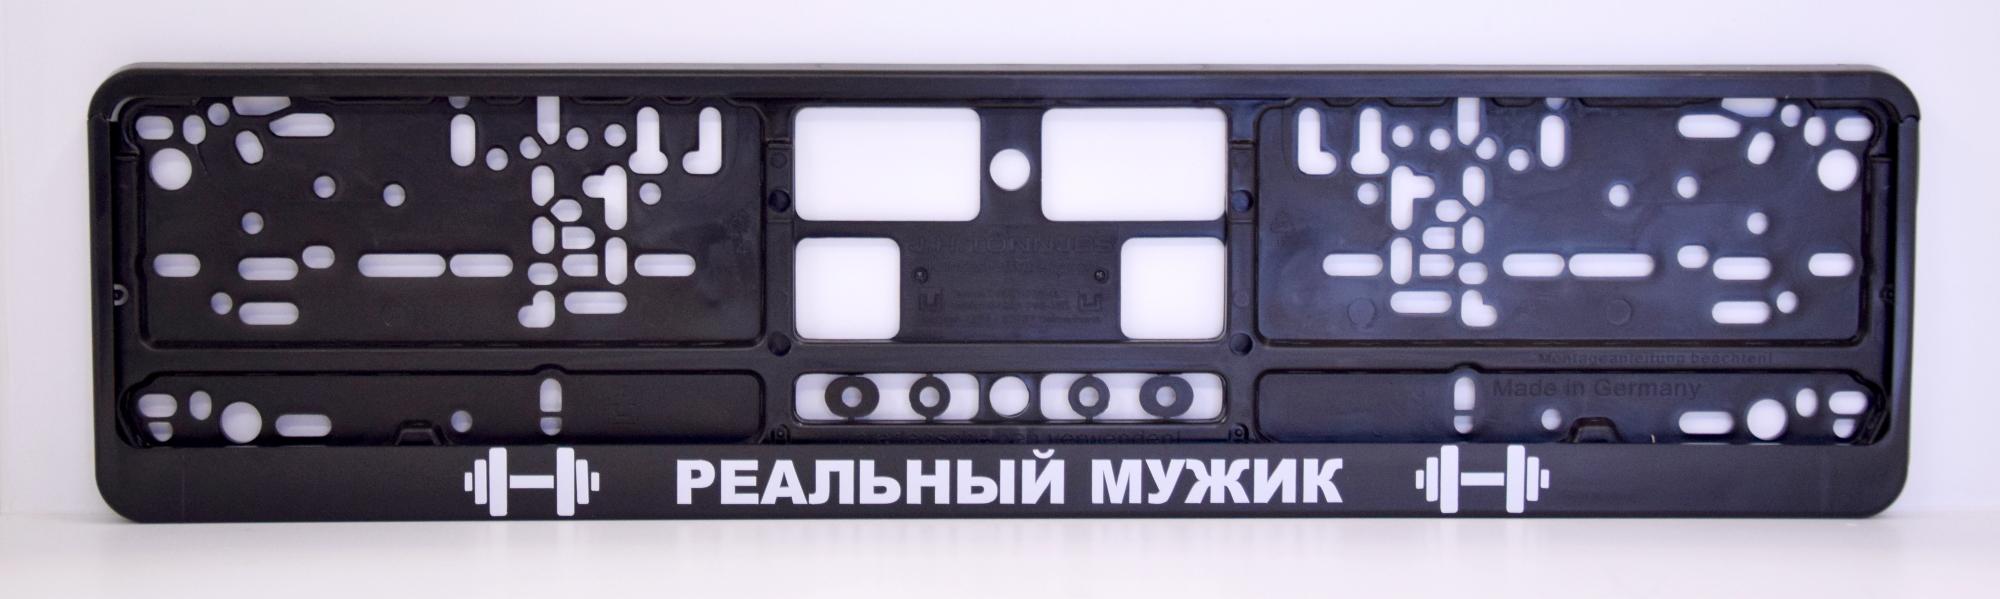 LATSIGN Auto numura turētājs ar uzrakstu - Реальный мужик